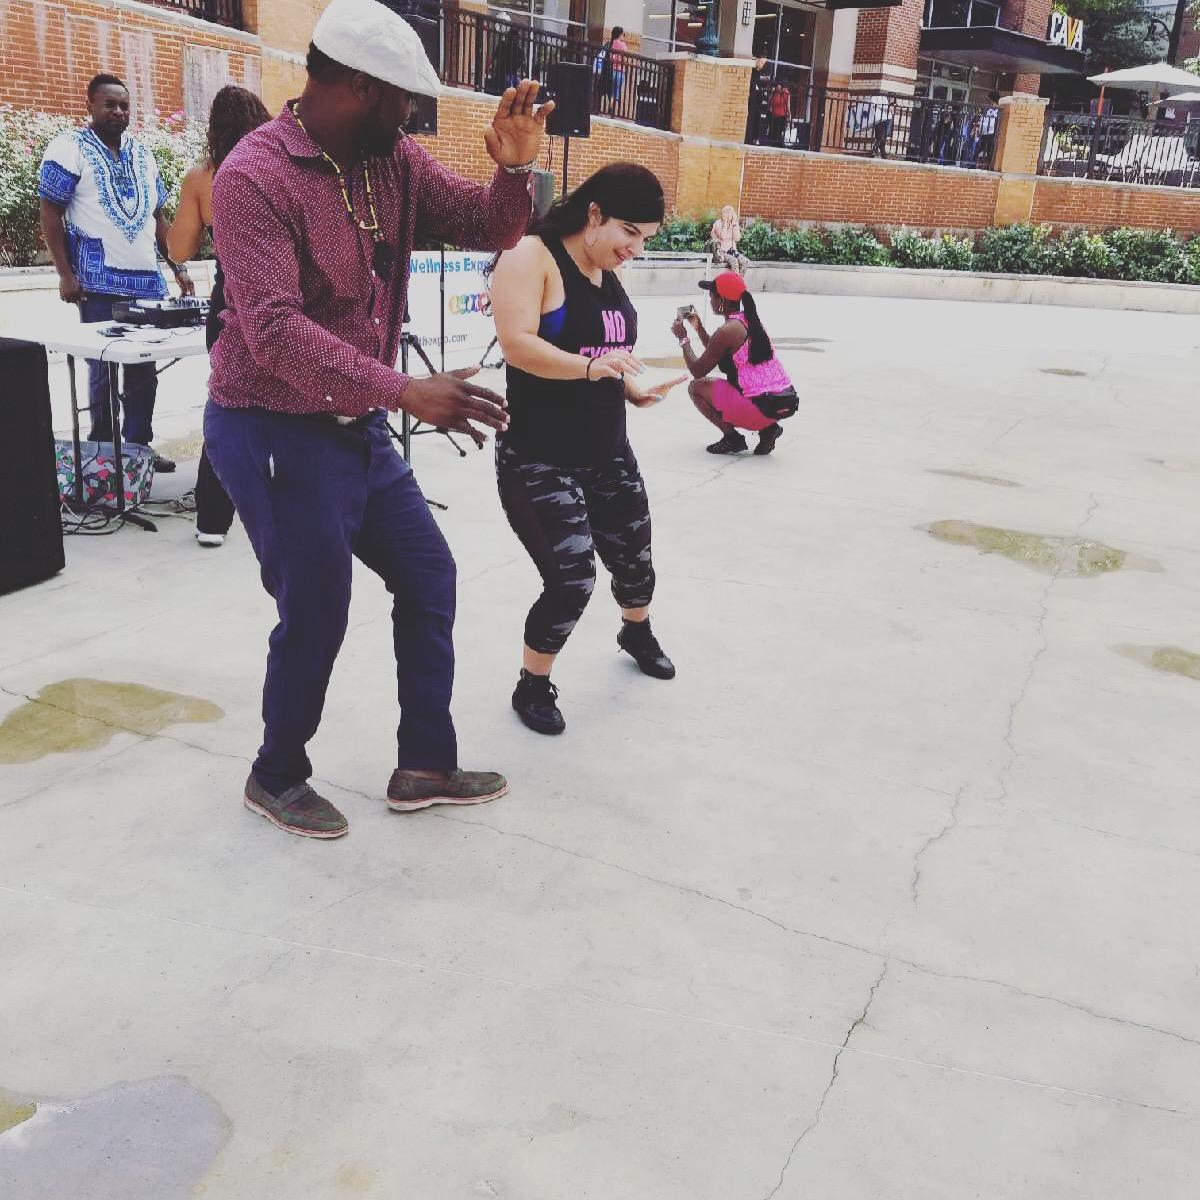 Silver Spring Dance Fitness Festival Sept 2017